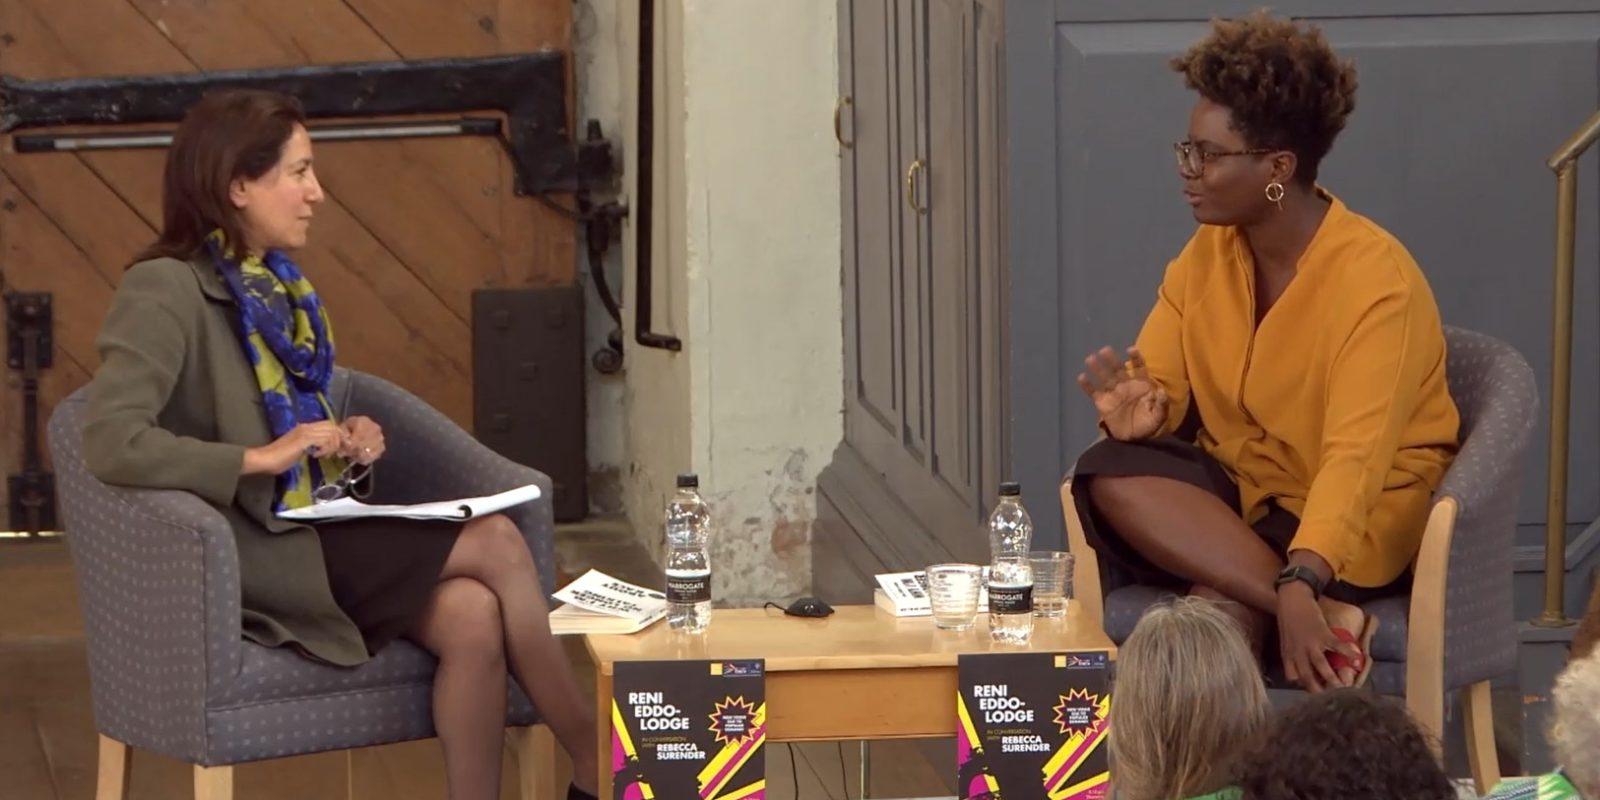 Rebecca Surender and Reni Eddo-Lodge in conversation in Oxford, 14 June 2018